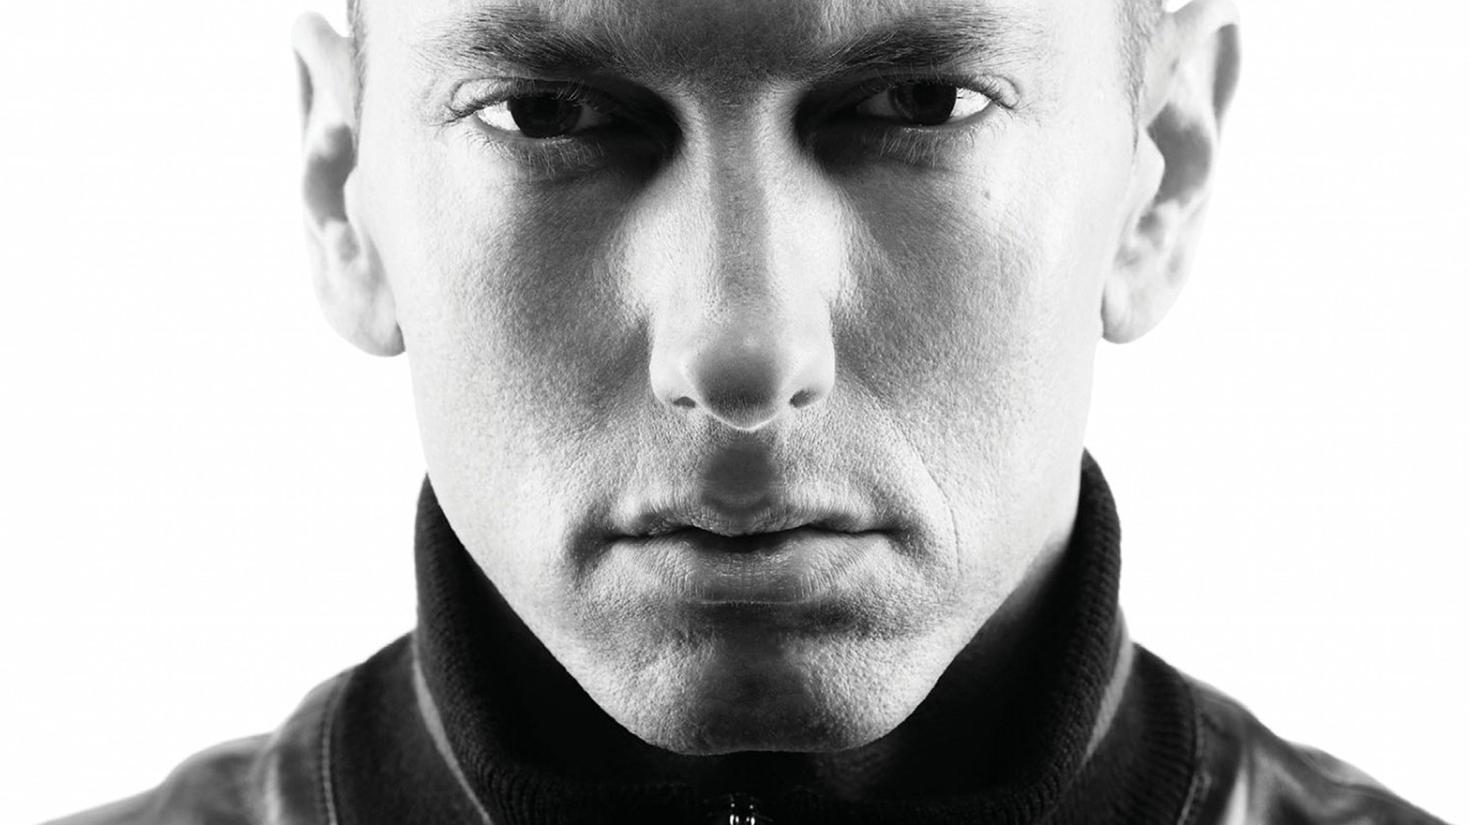 Kanye West: Drugs &Lack of Talent Killed Eminem's Career - Spur